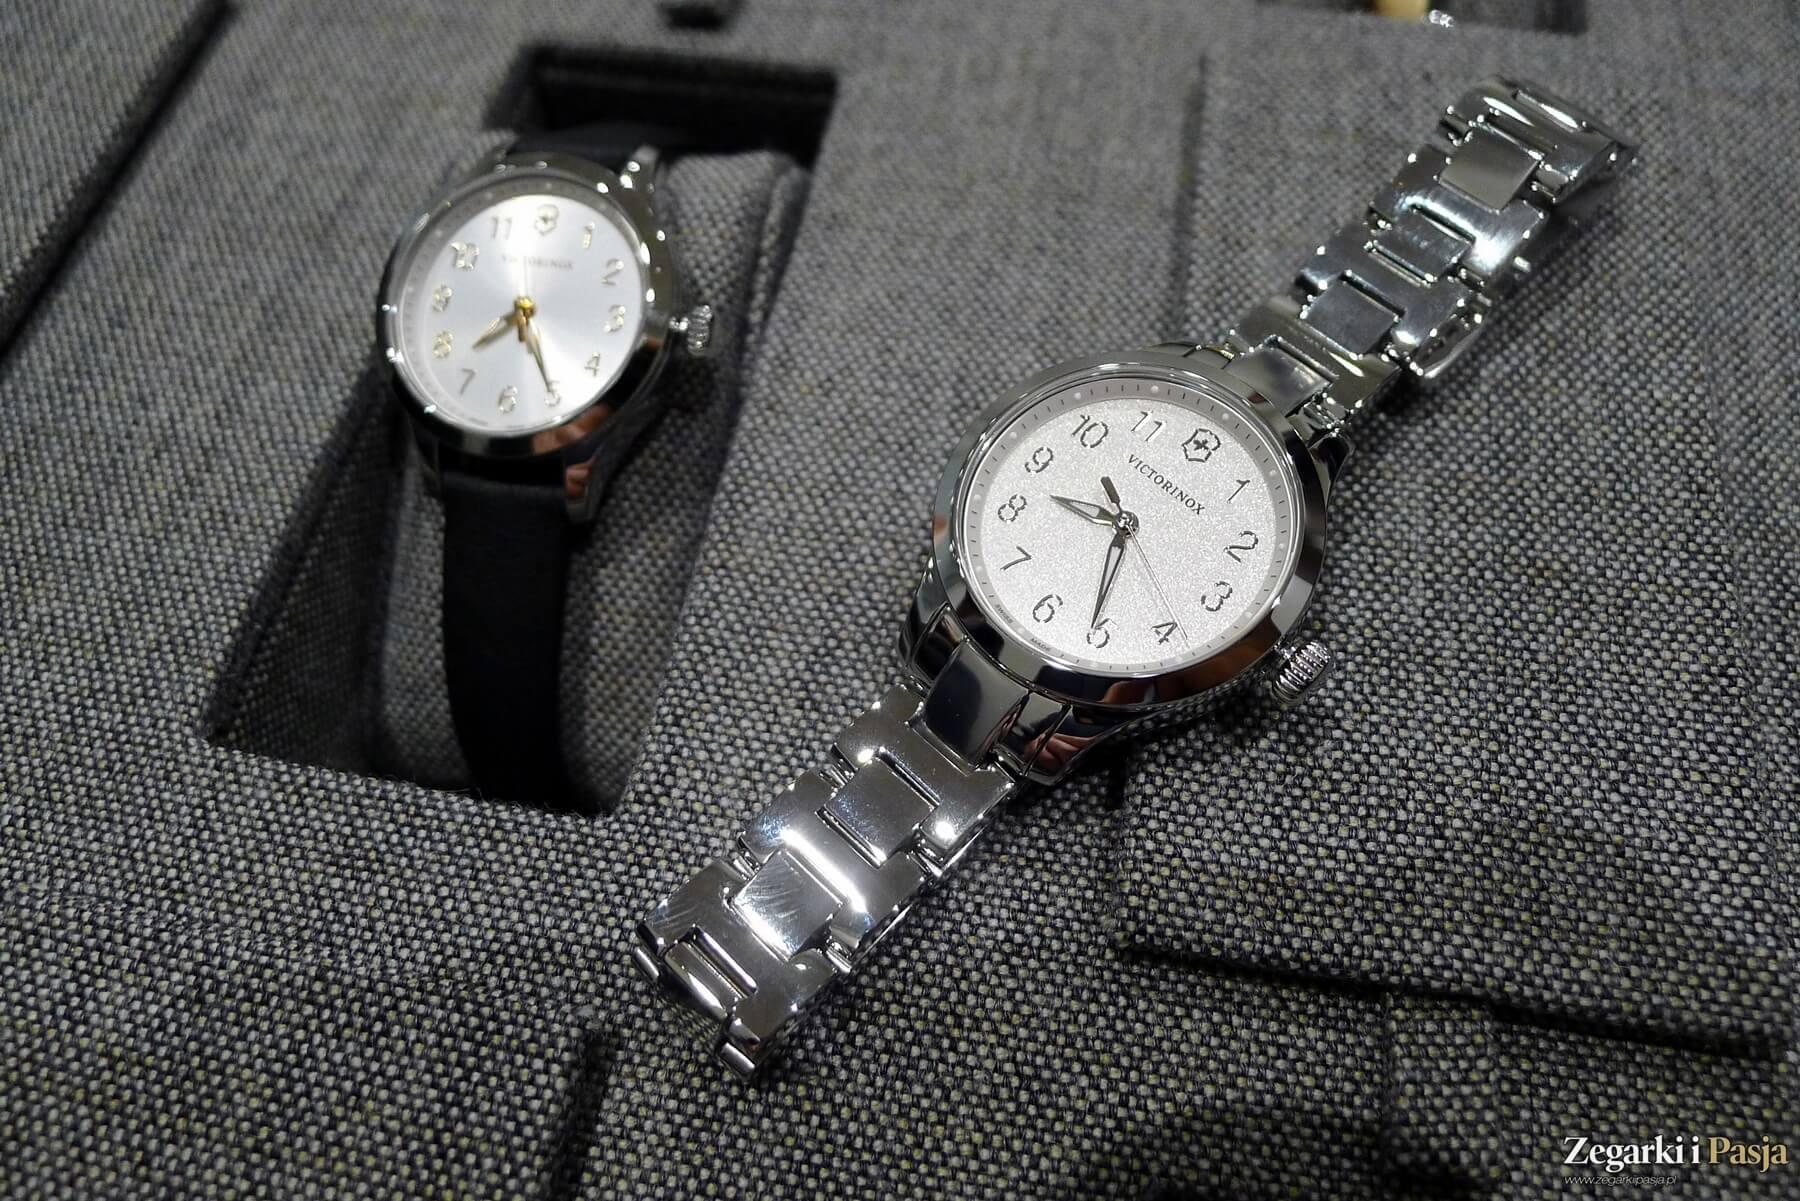 randki z twoim zegarkiem omega fanfiction randki Rossa i Laury